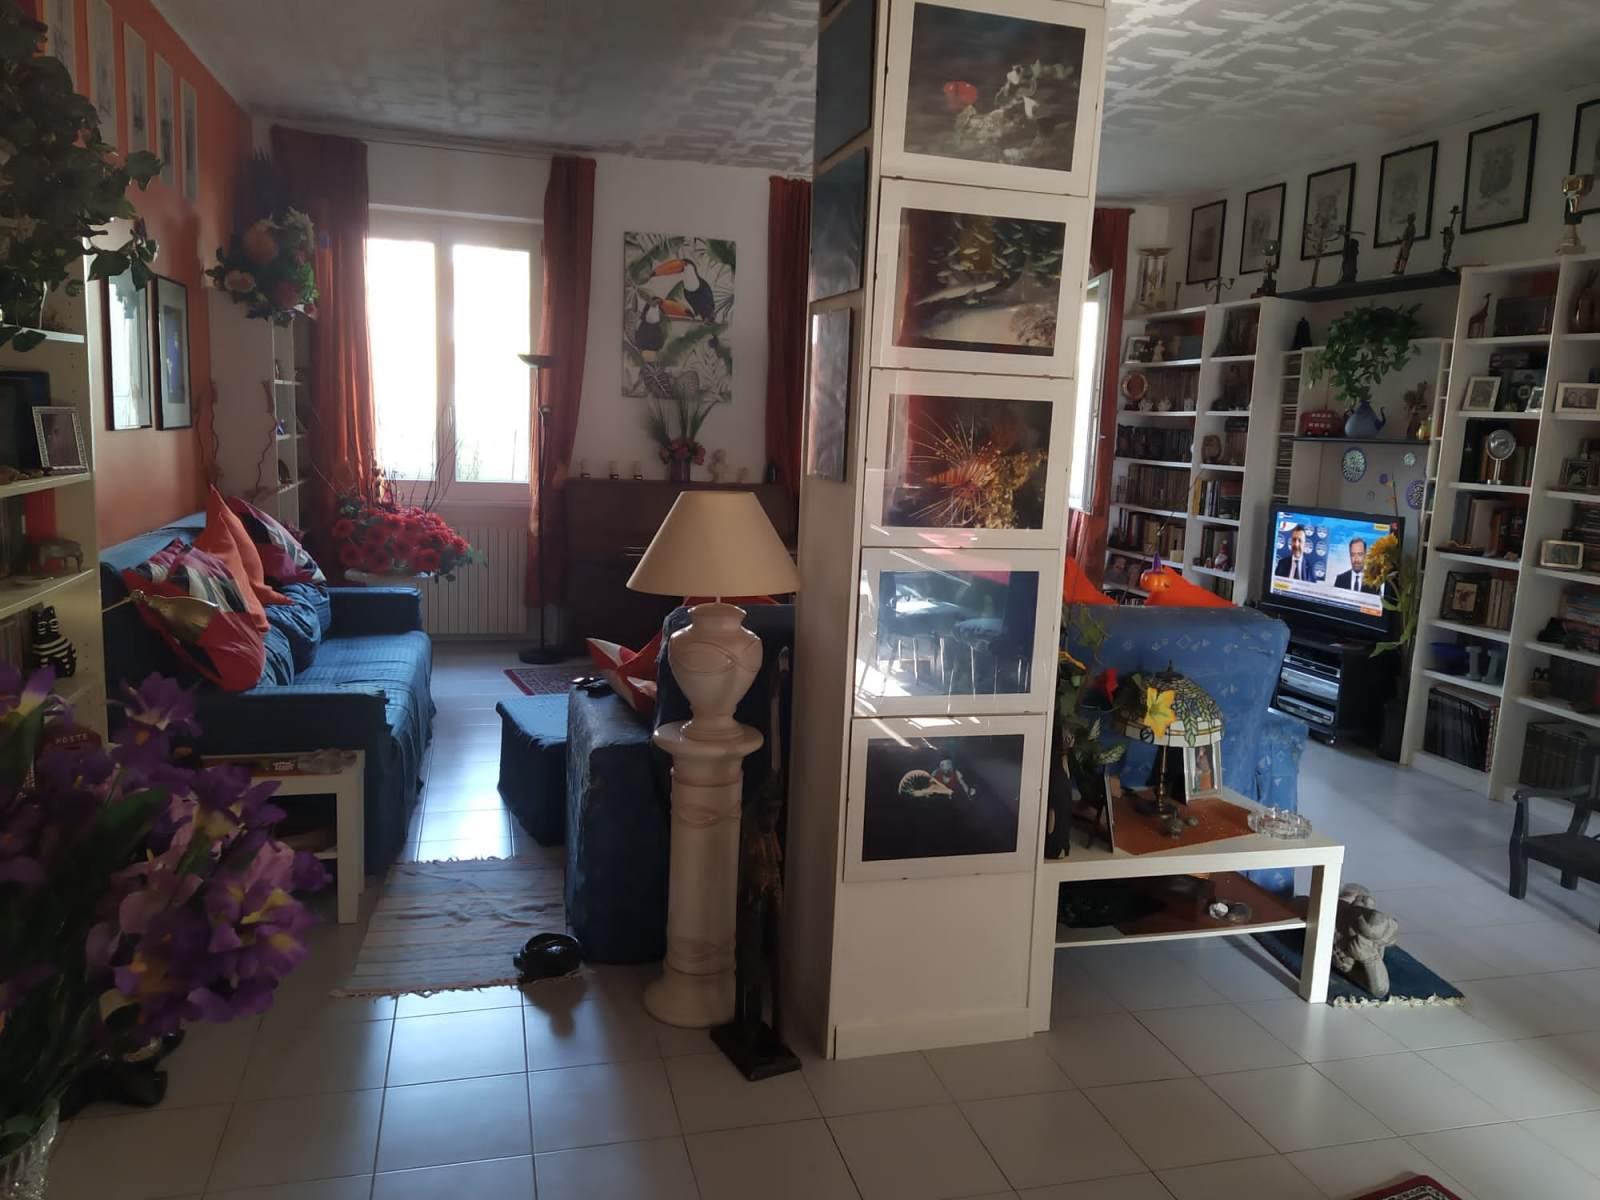 appartamento-in-vendita-a-milano-bagio-3-locali-via-cabella-spaziourbano-immobiliare-vende-4